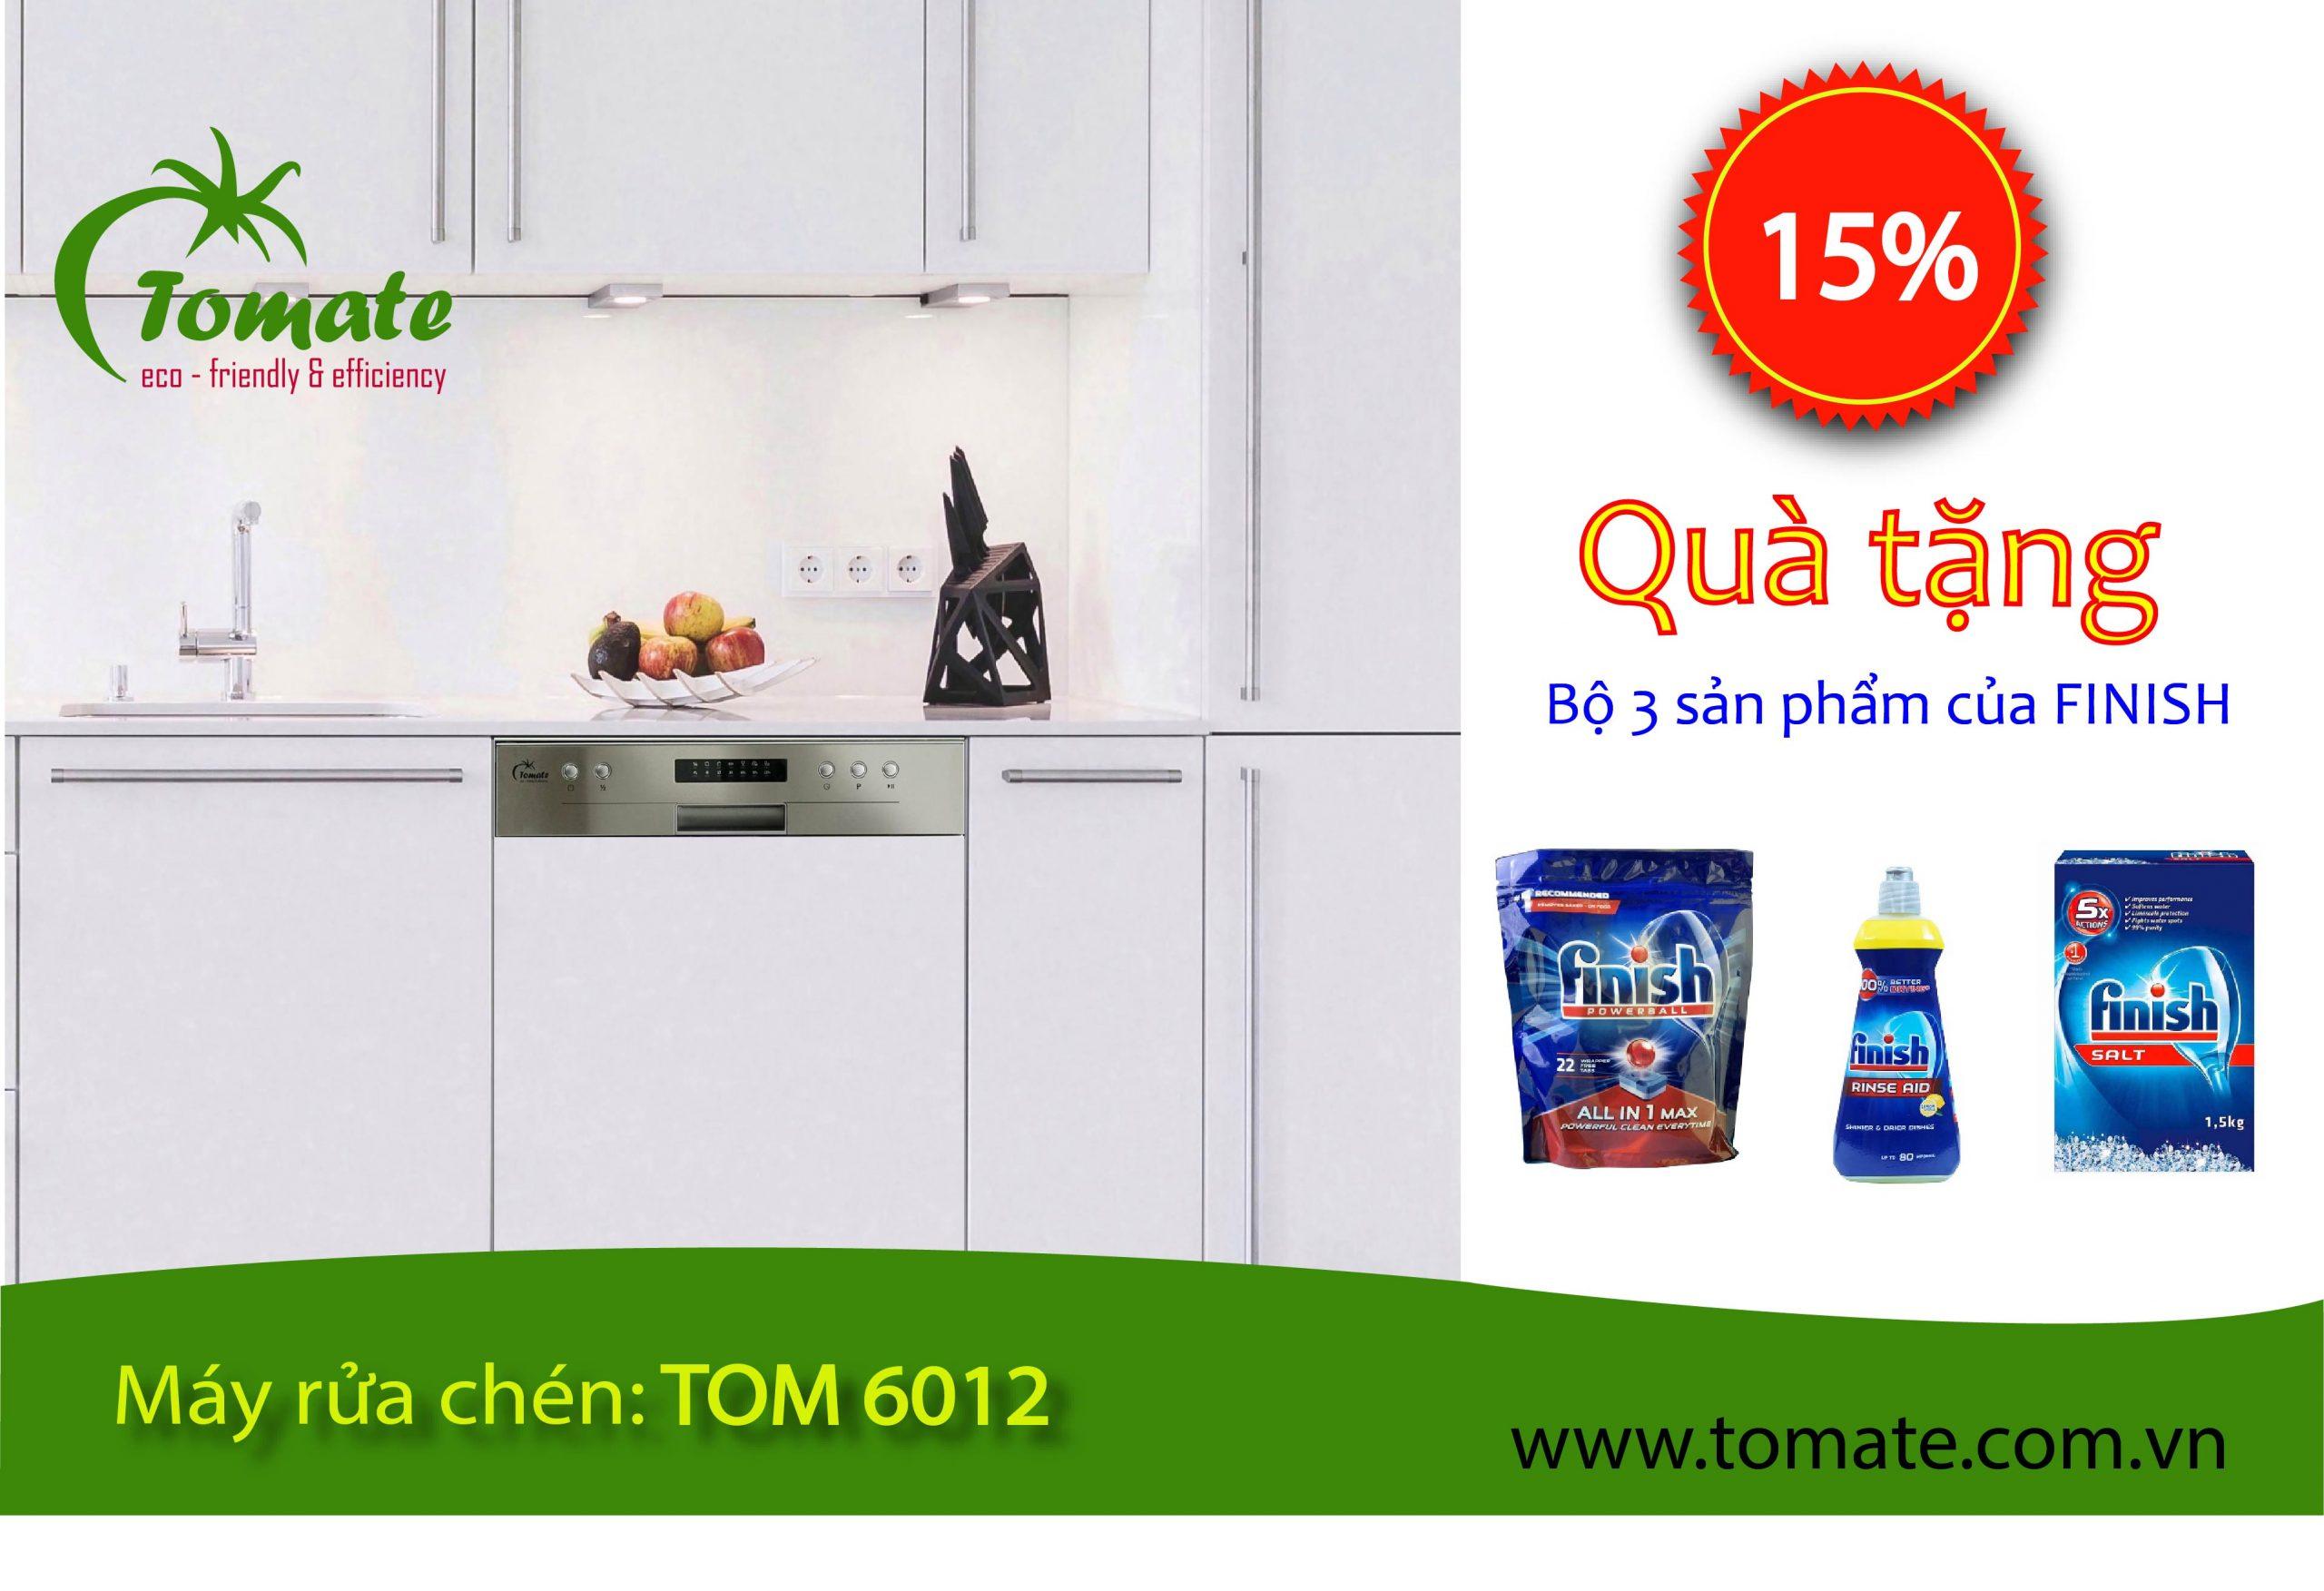 TOM 6012